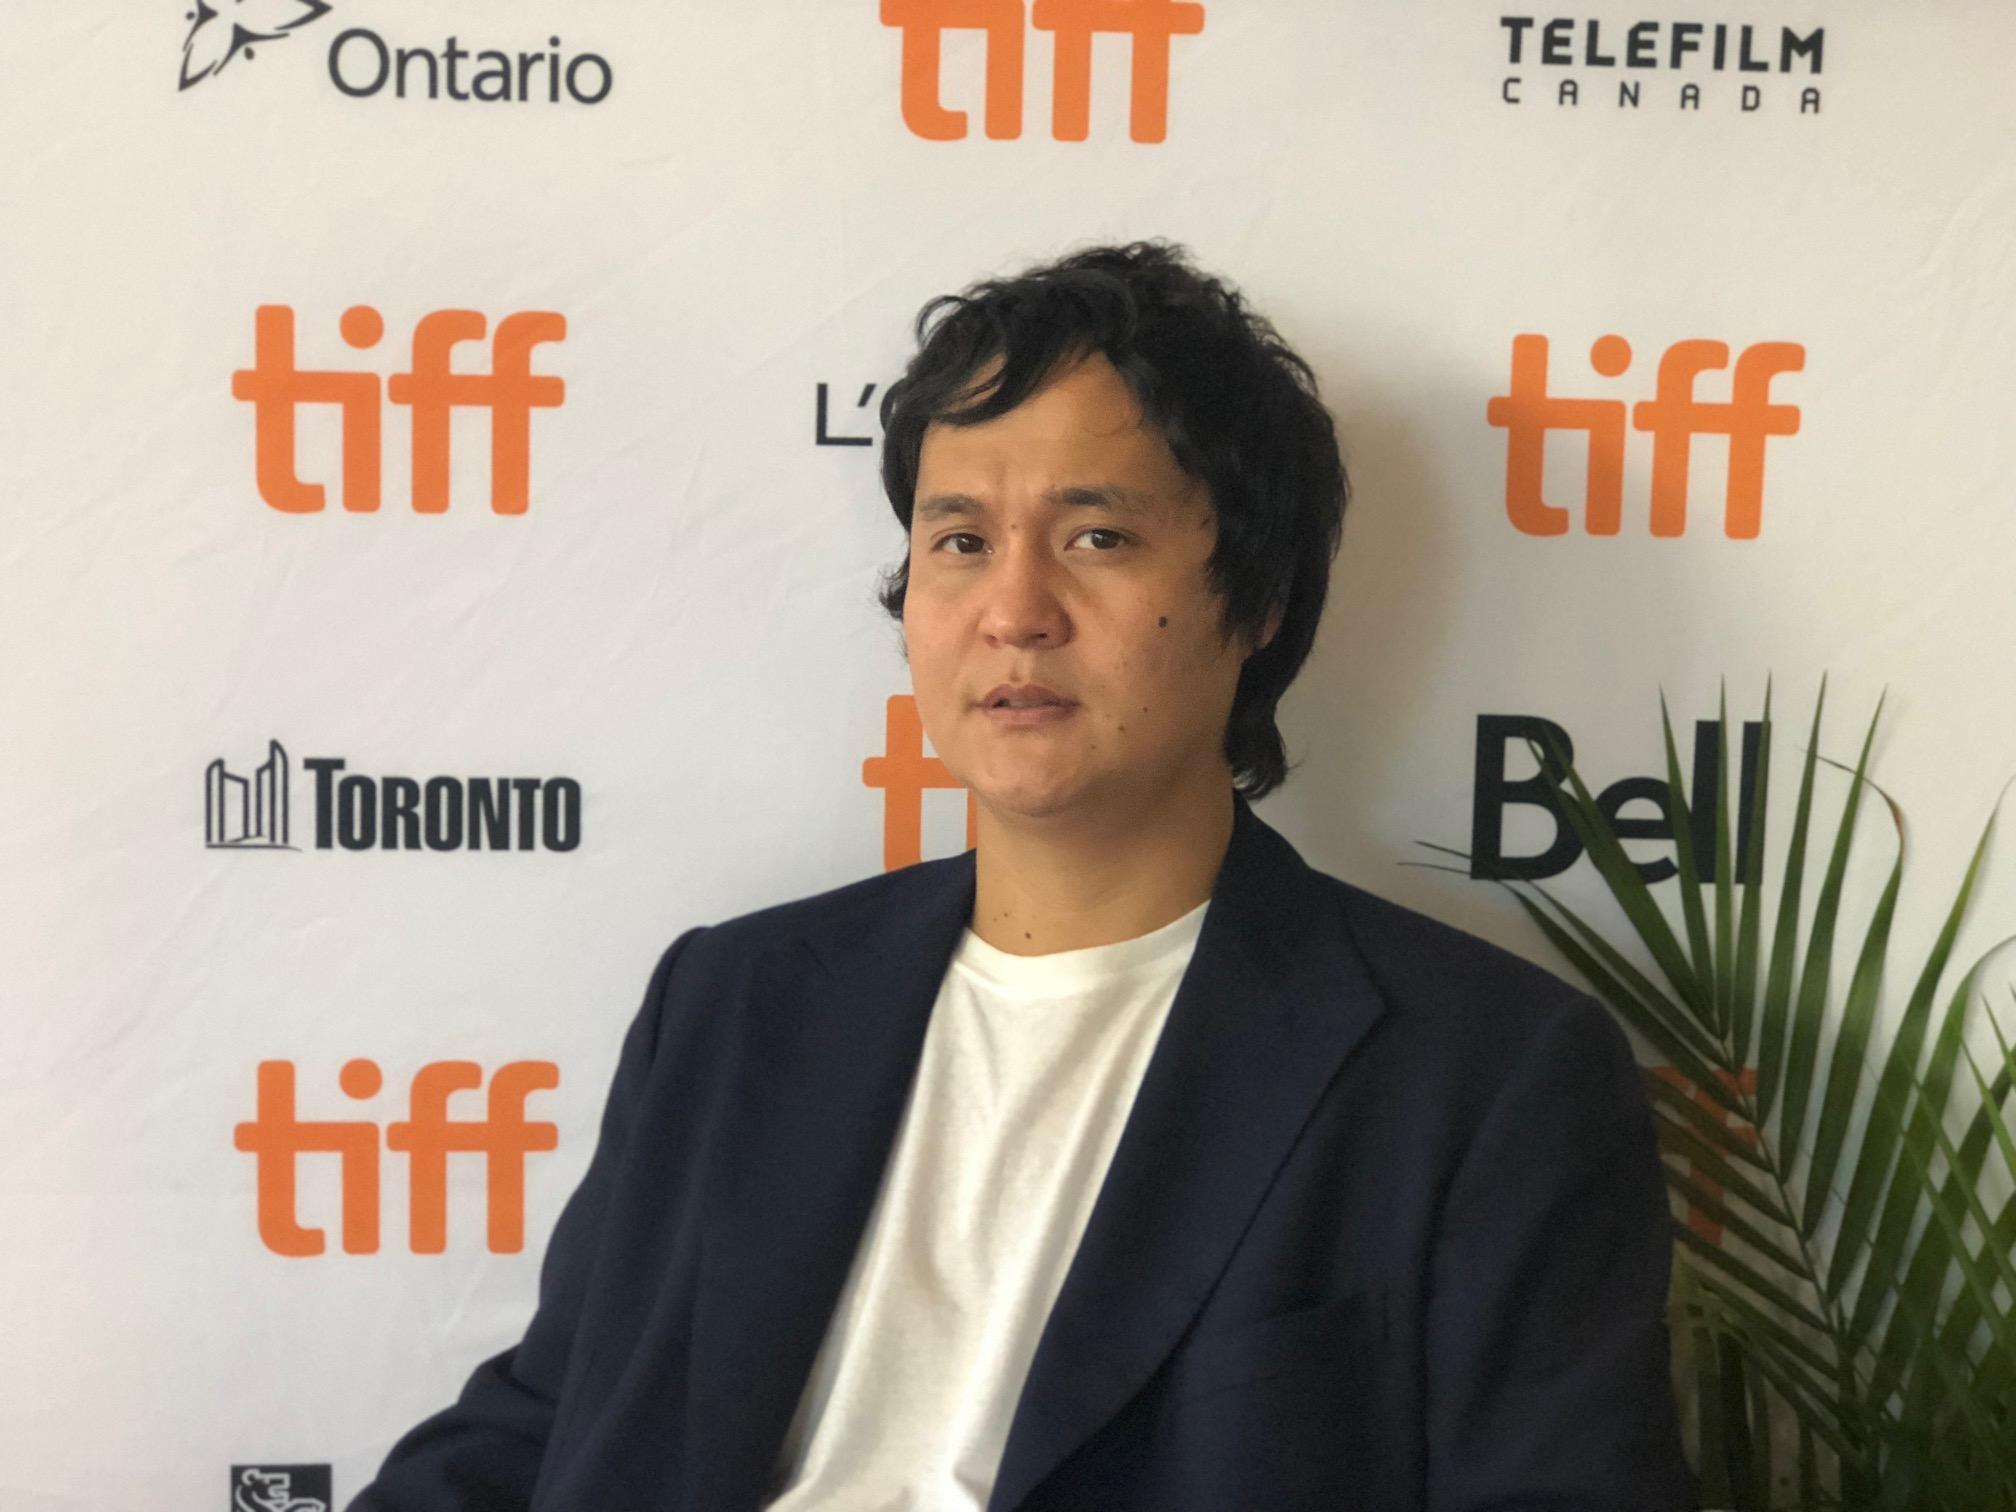 Эмир Байгазин получил грант от Голливудской Ассоциации Прессы  за фильм «Река», Эмир Байгазин, Грант, Голливудская Ассоциация Прессы, Река